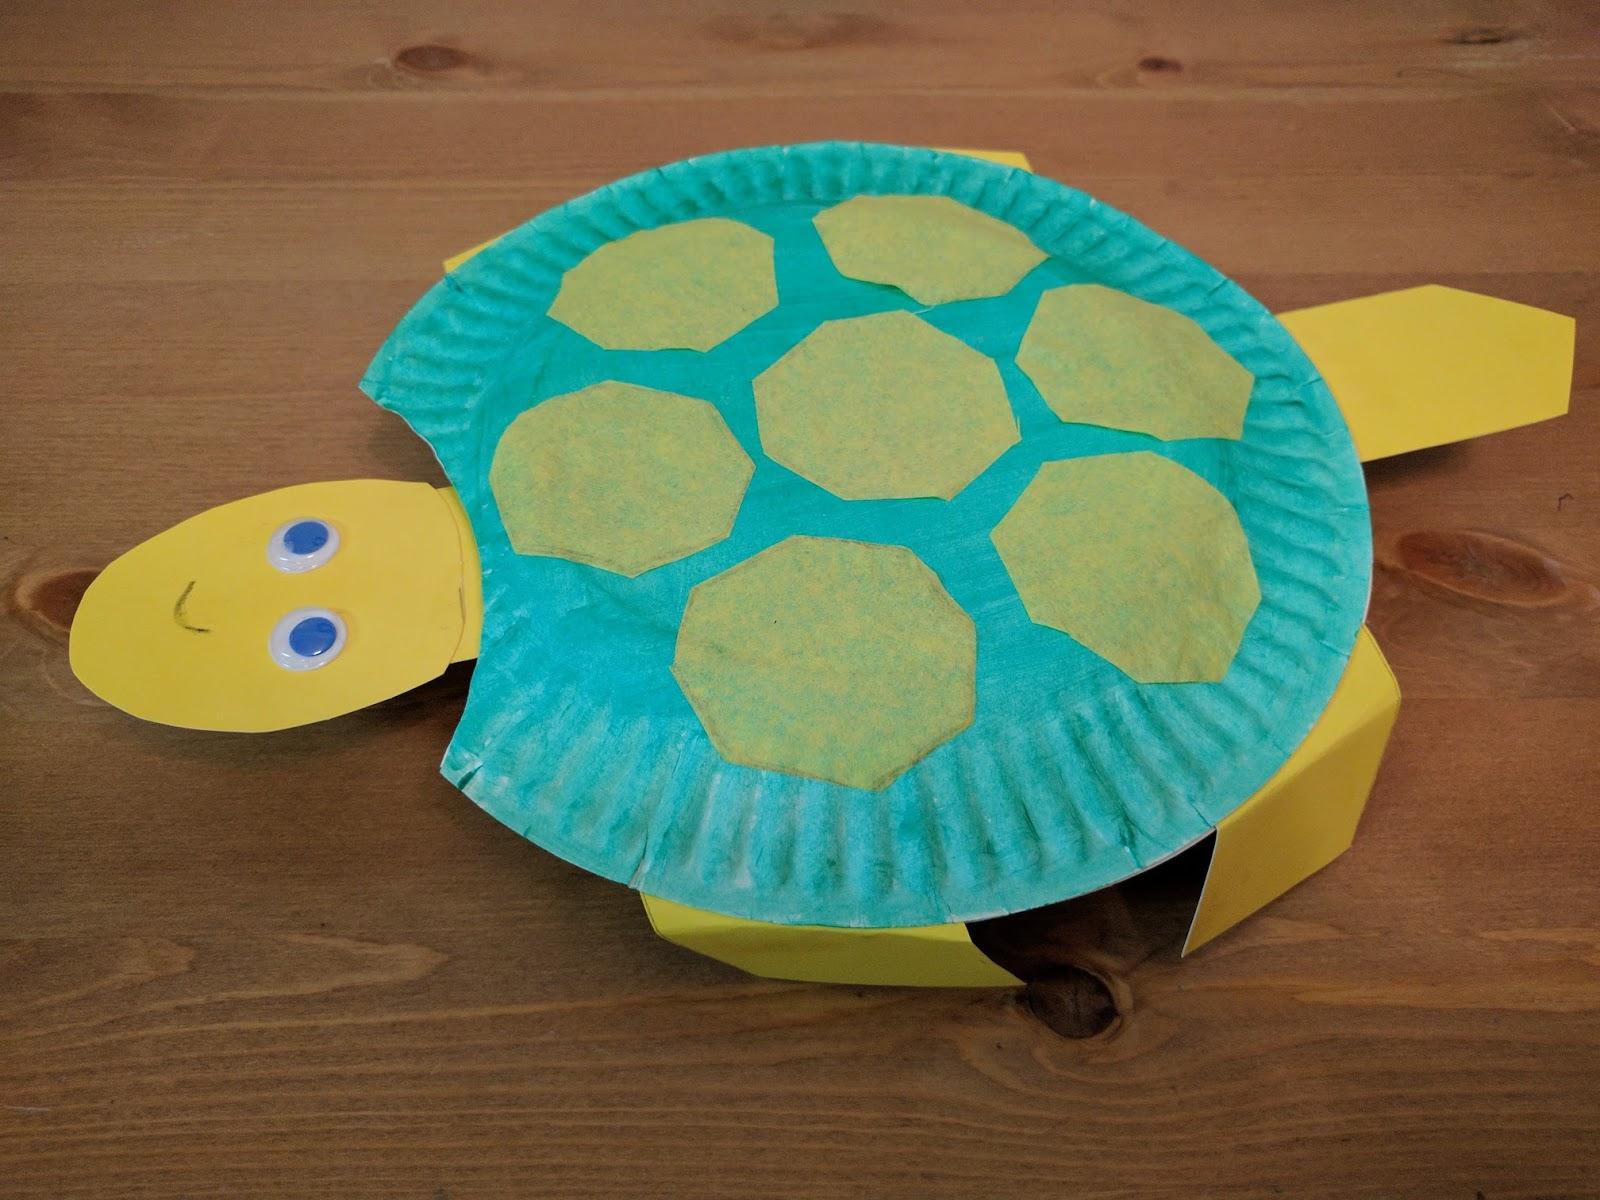 Turtles U Make As A Craft